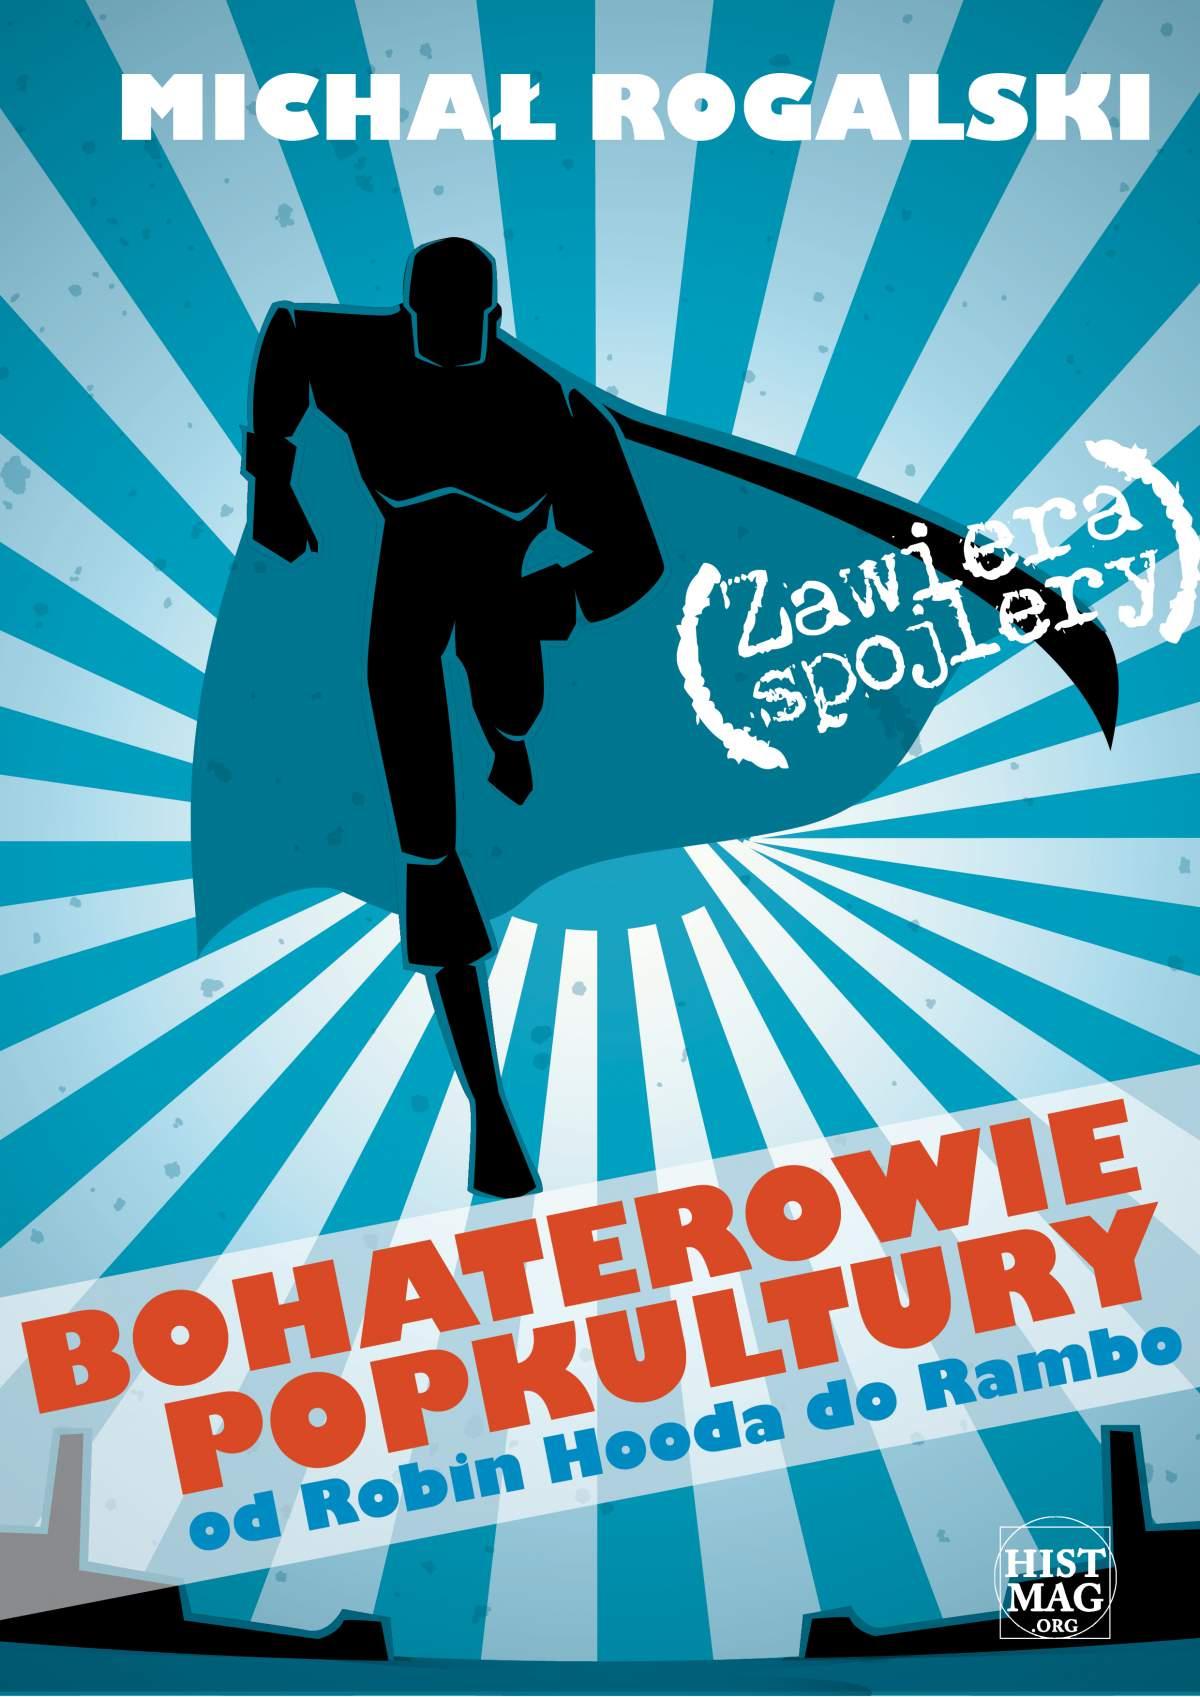 Bohaterowie popkultury: od Robin Hooda do Rambo - Ebook (Książka PDF) do pobrania w formacie PDF